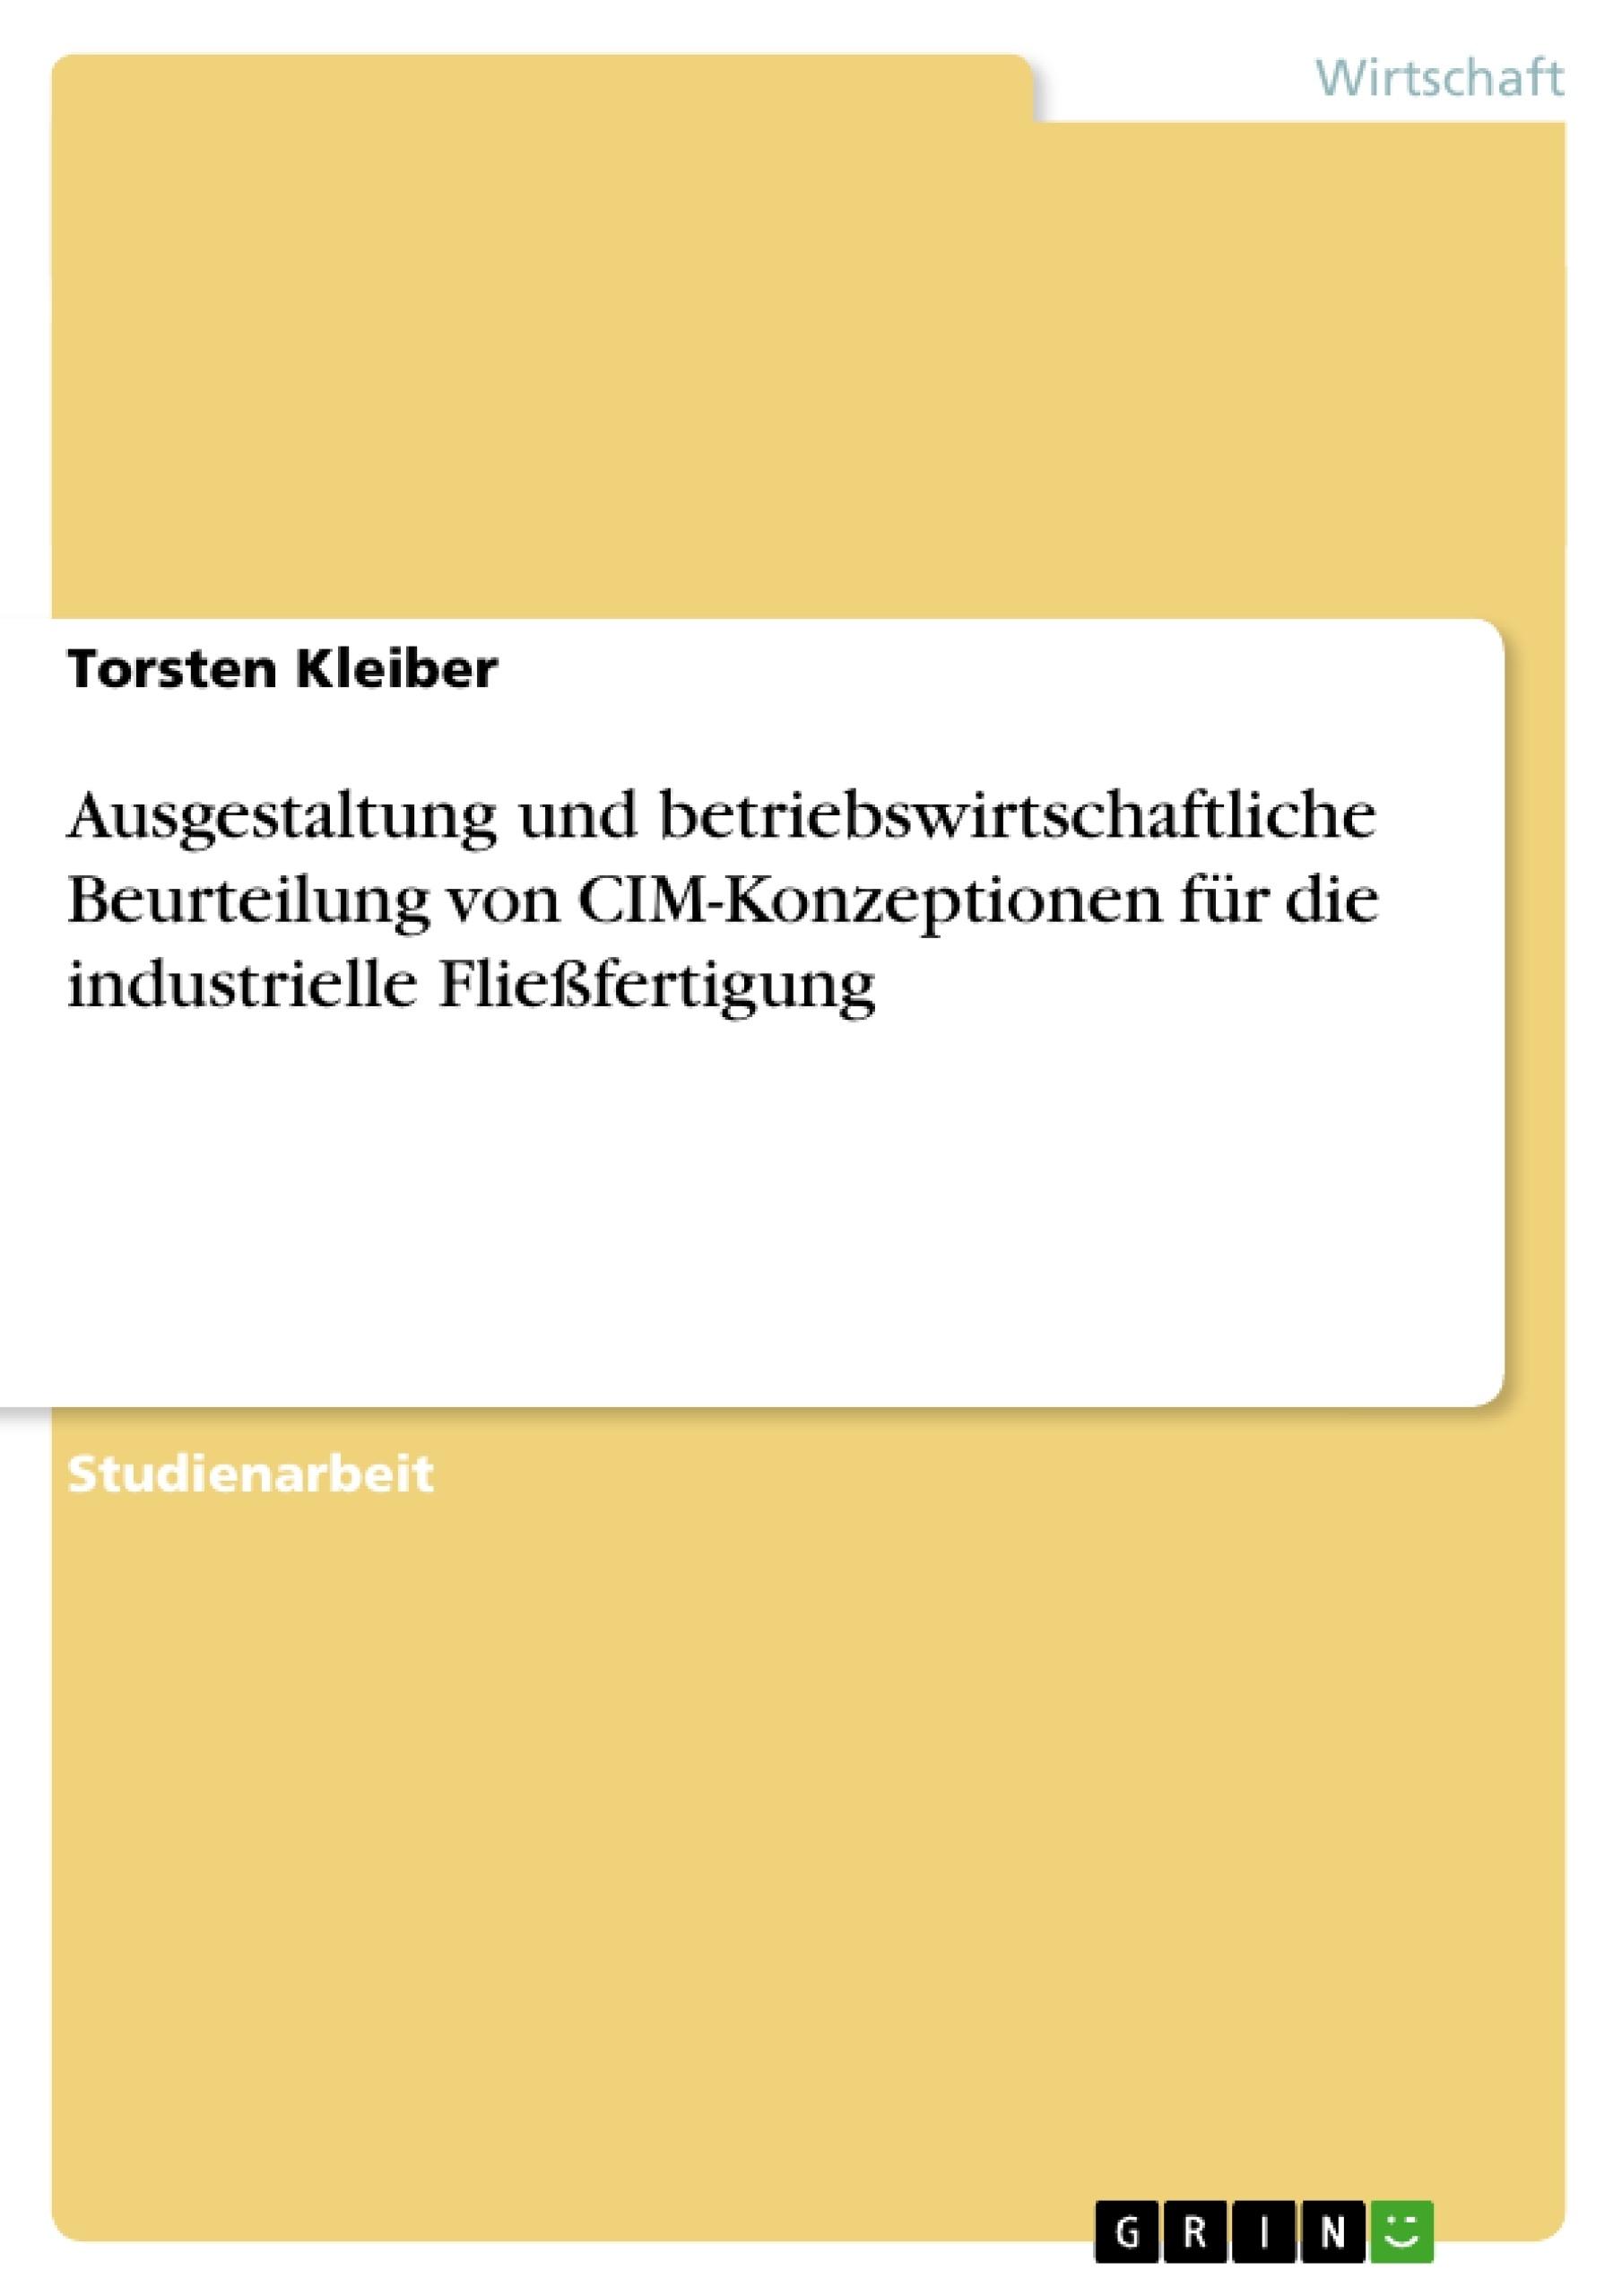 Titel: Ausgestaltung und betriebswirtschaftliche Beurteilung von CIM-Konzeptionen für die industrielle Fließfertigung